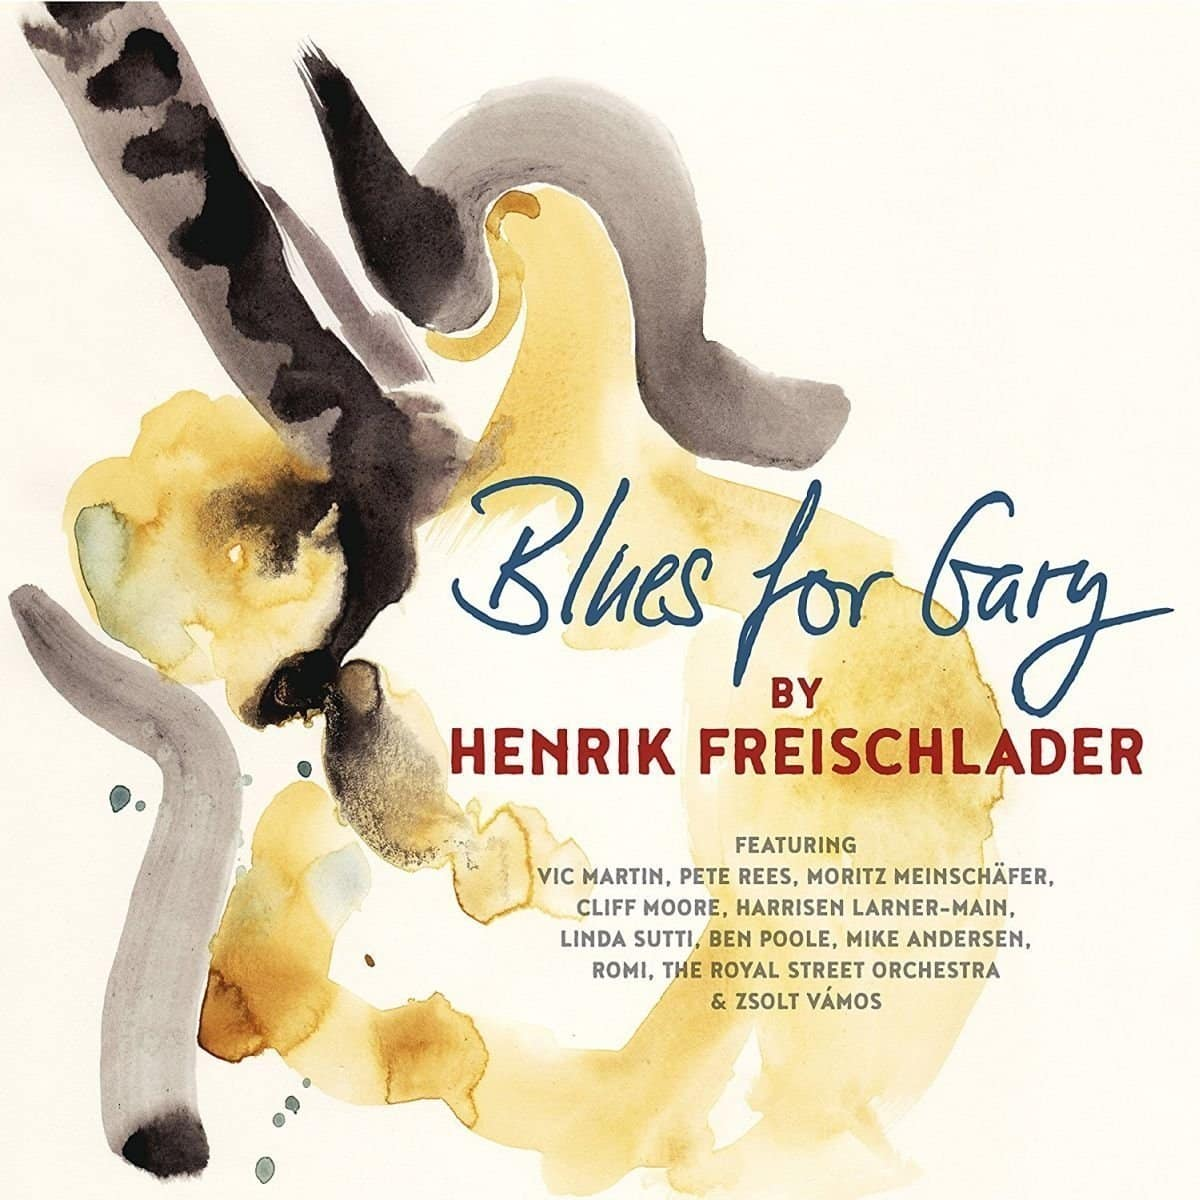 Henrik Freischlader - Blues for Gary